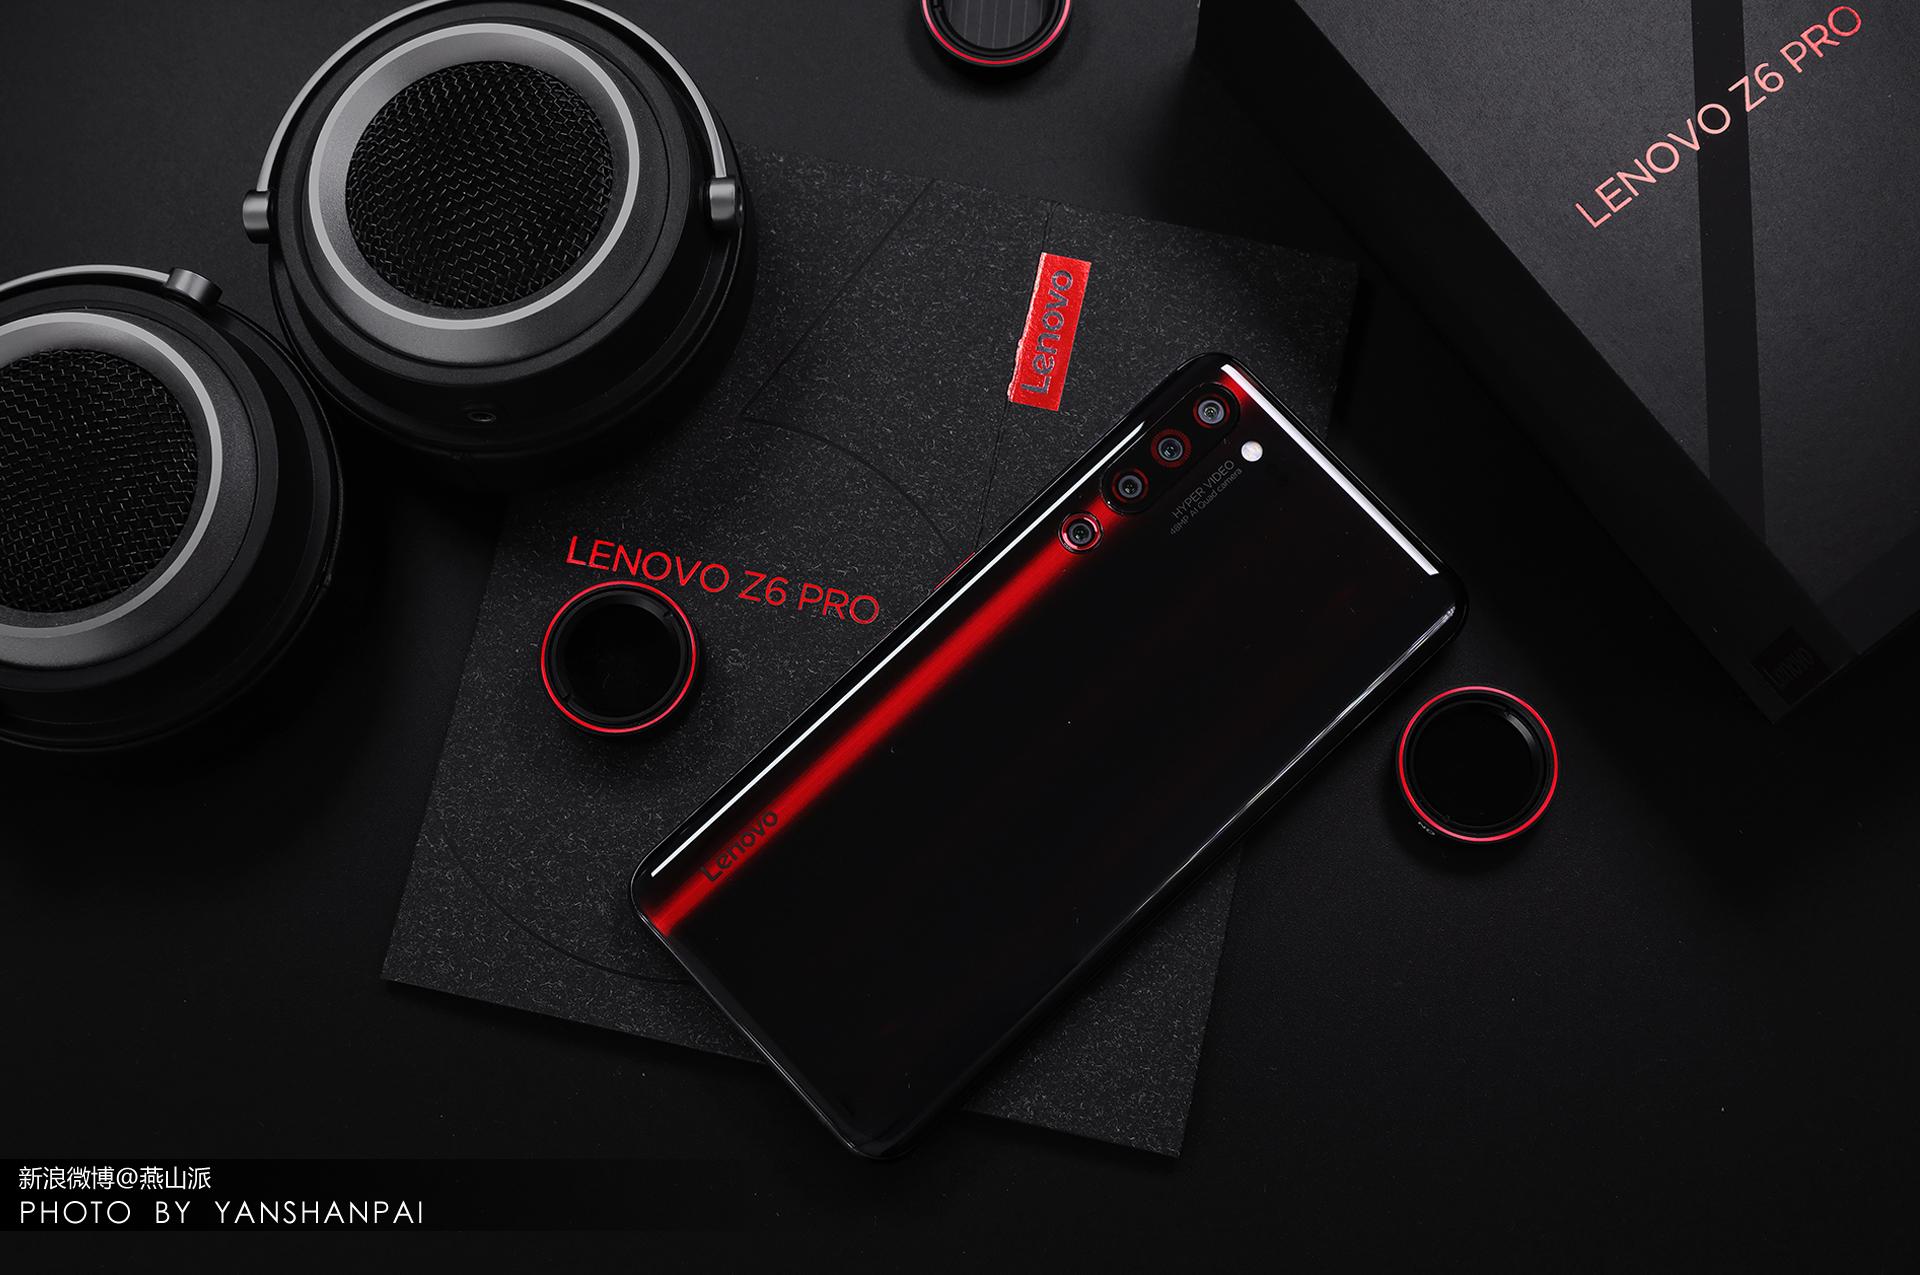 联想Z6 Pro高清图赏,颜值与实力并存,曾经熟悉的联想终于回来了